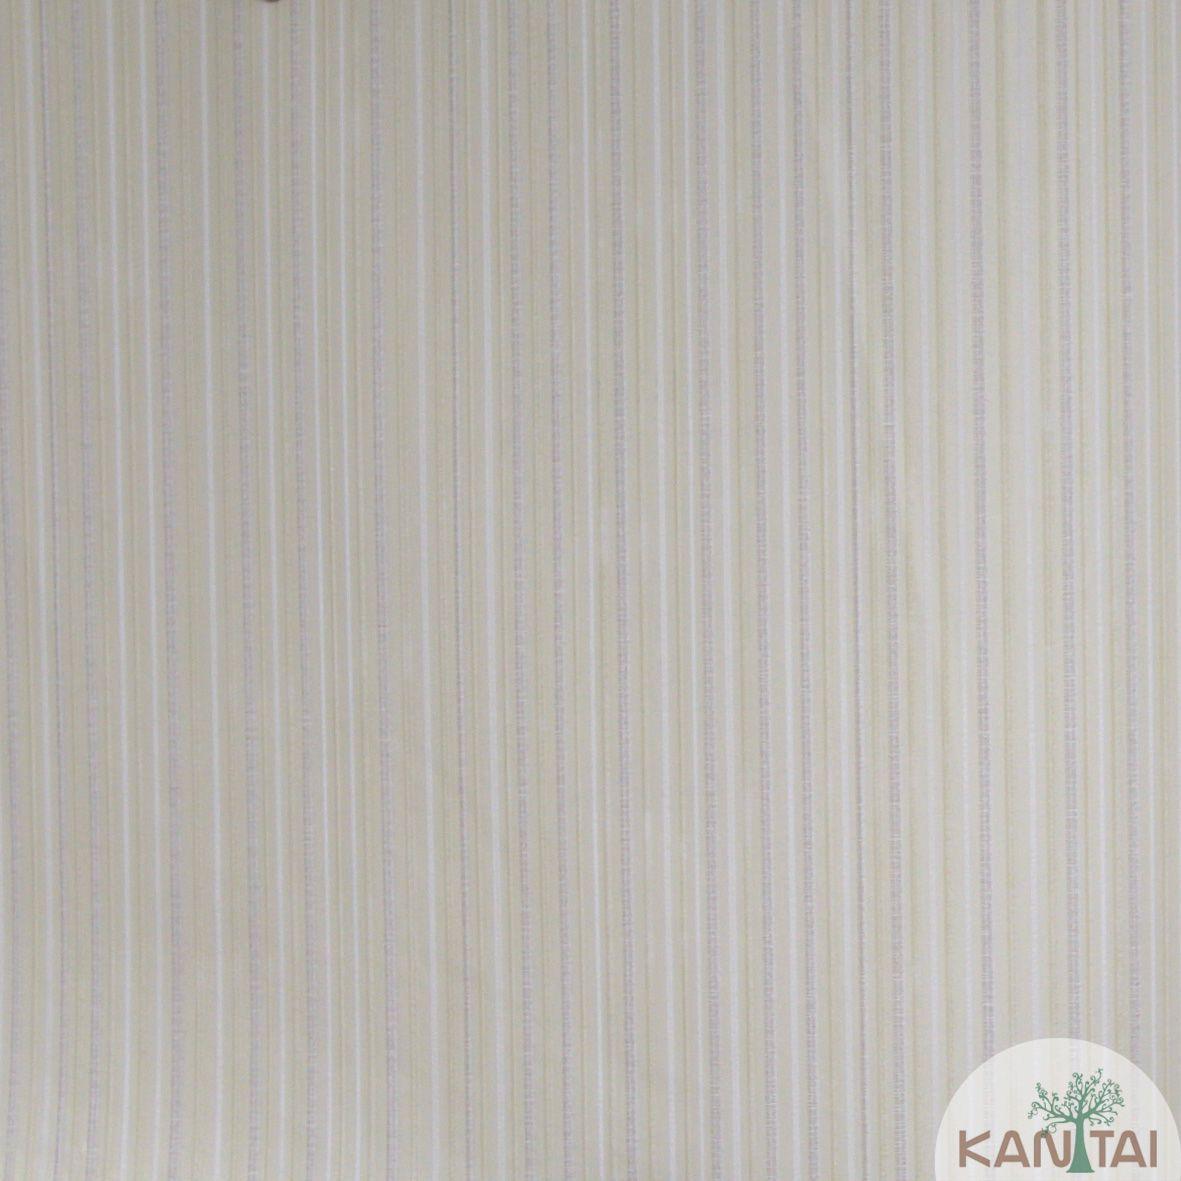 Papel de Parede Importado Kan Tai  TNT Coleção Grace Textura Listras Finas Creme, Branco